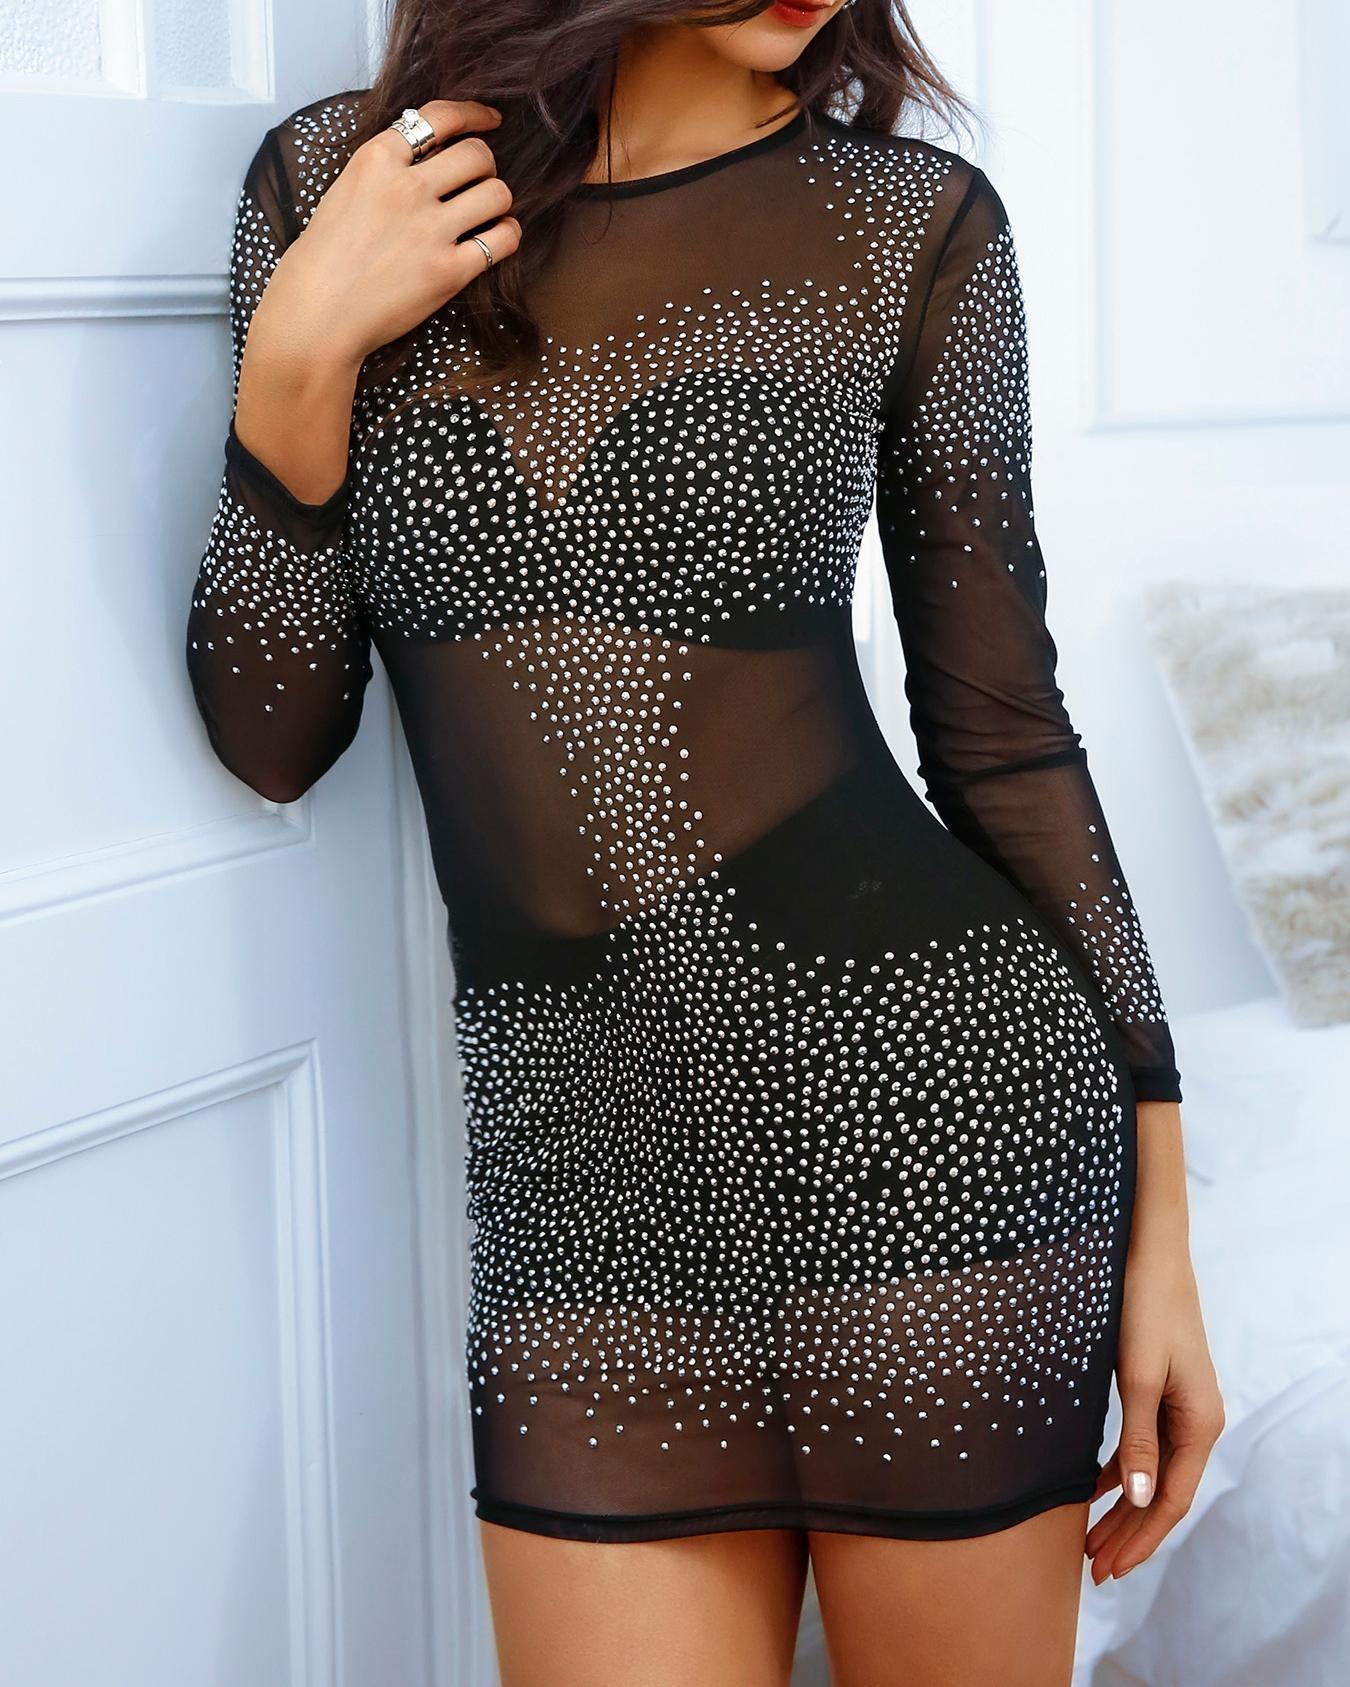 ivrose / Mini vestido brillante con lentejuelas y bodycon